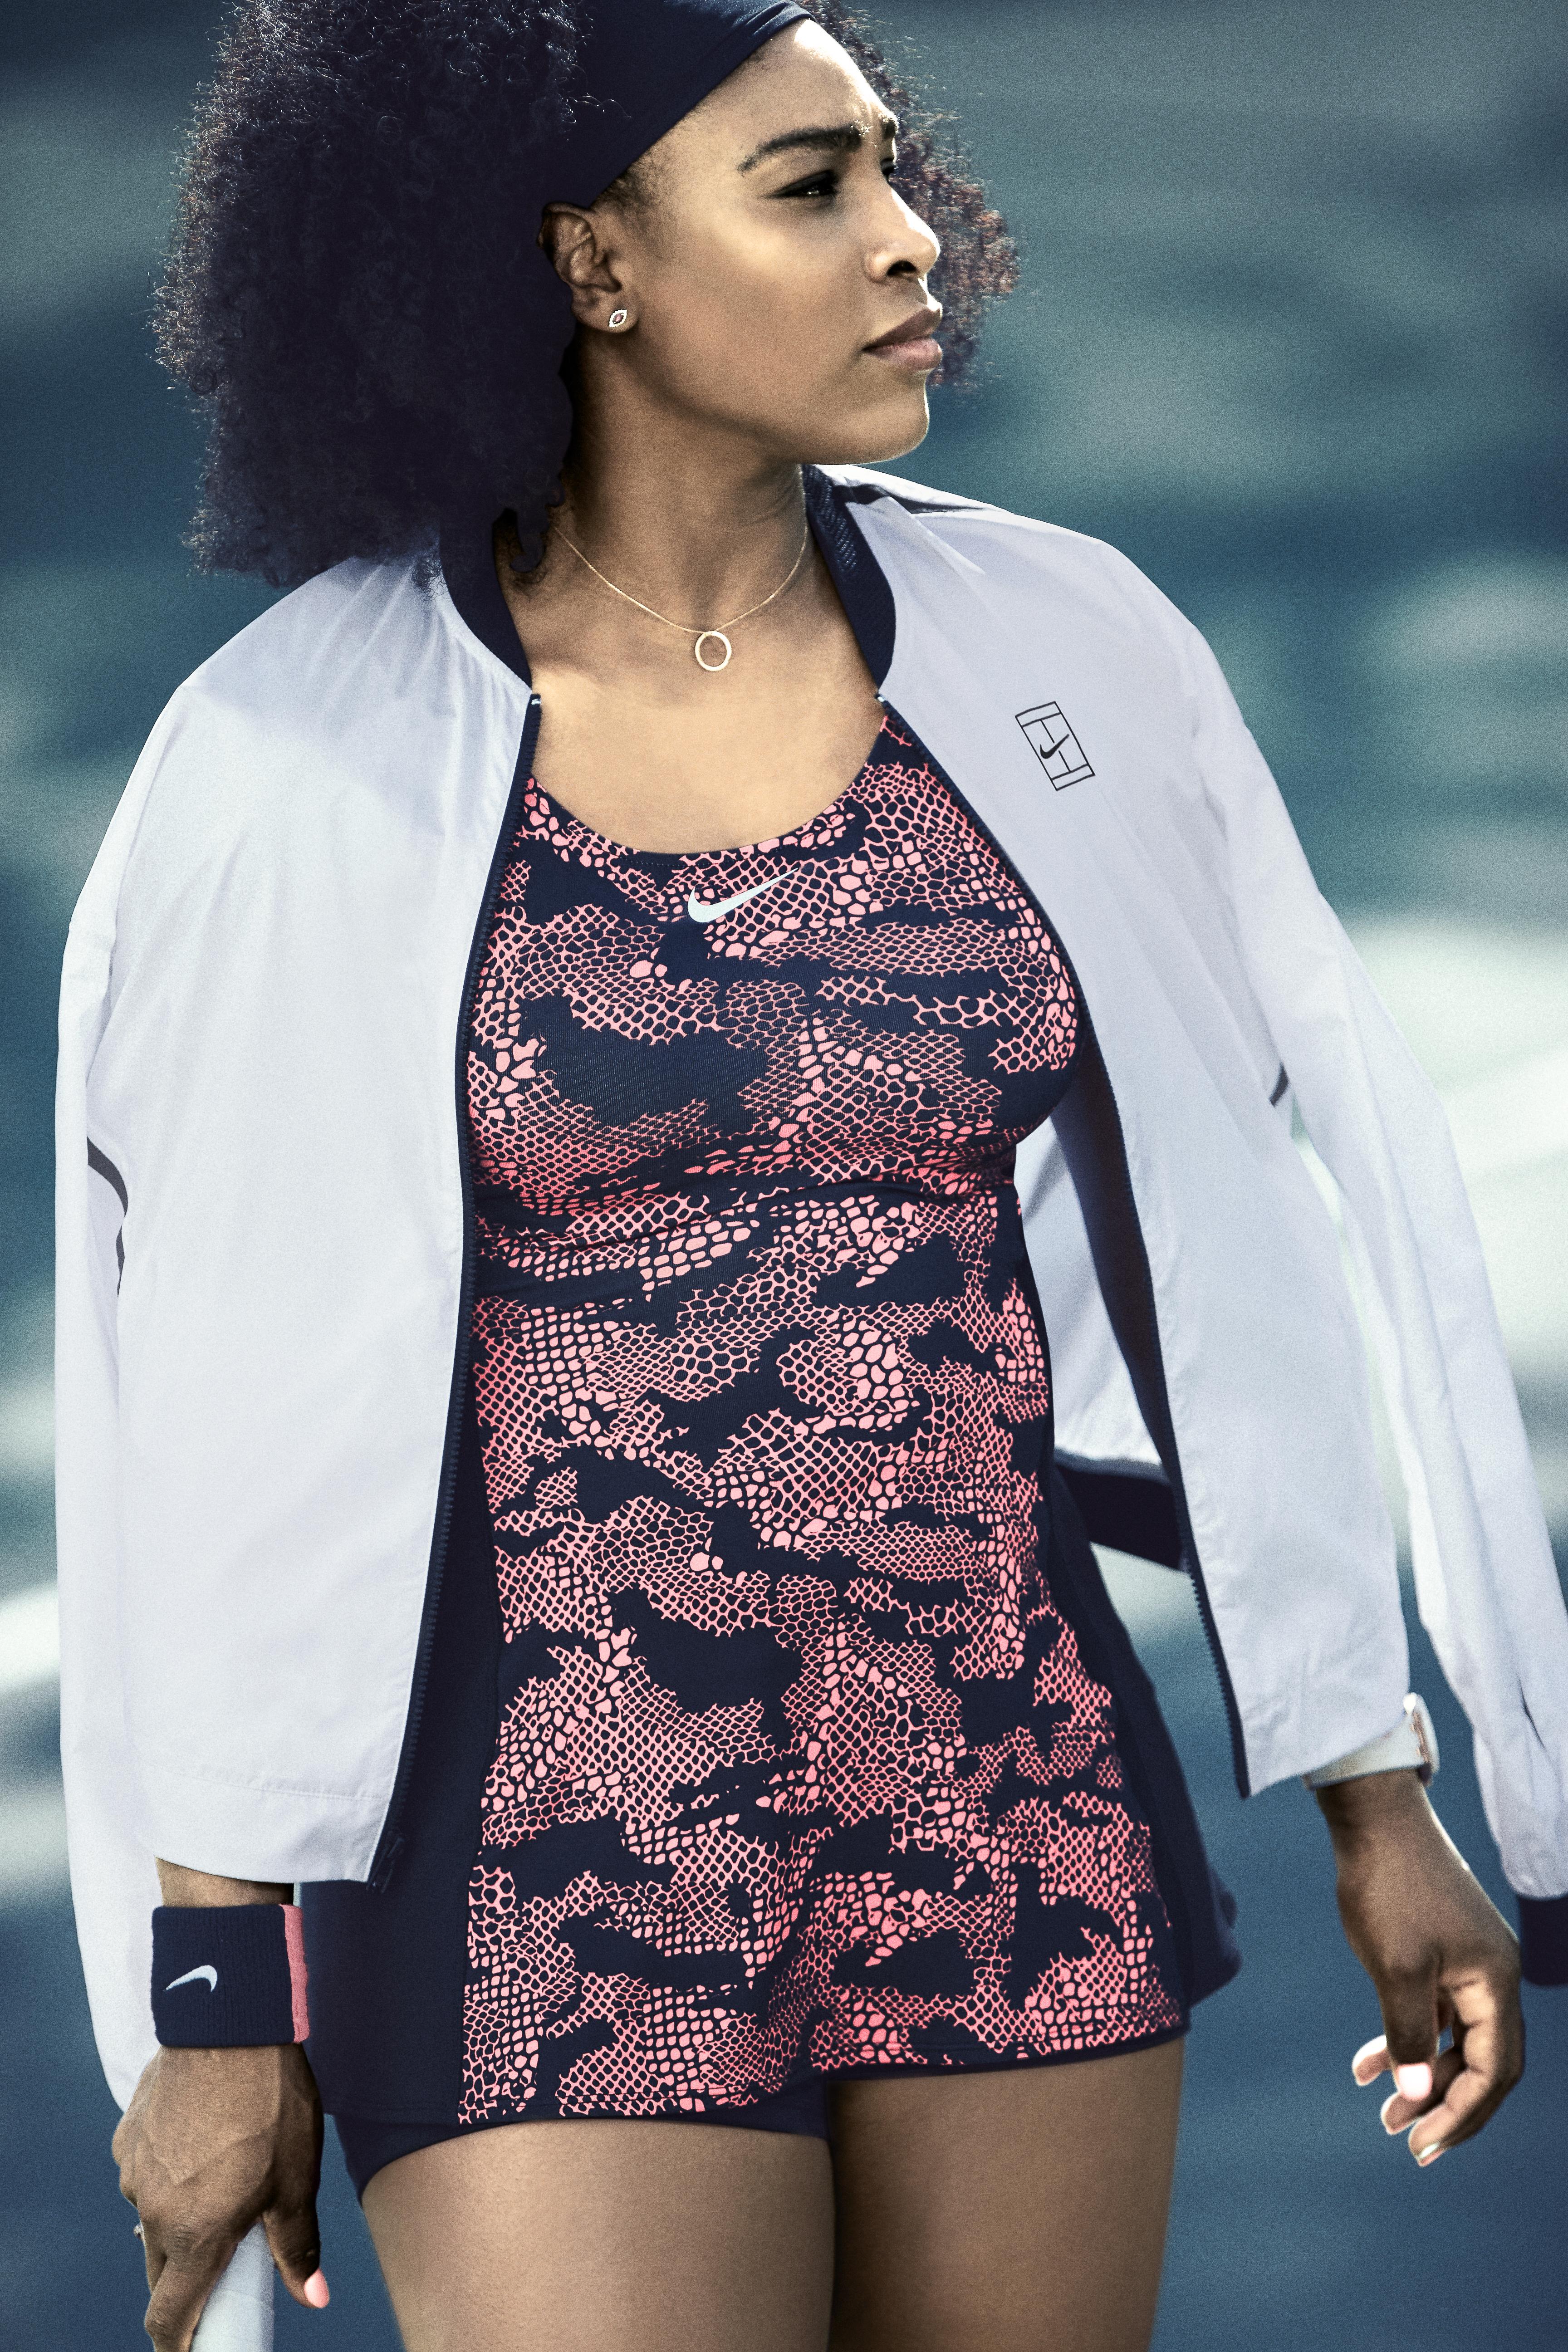 NikeCourt Celebrates Serena Williams Nike News